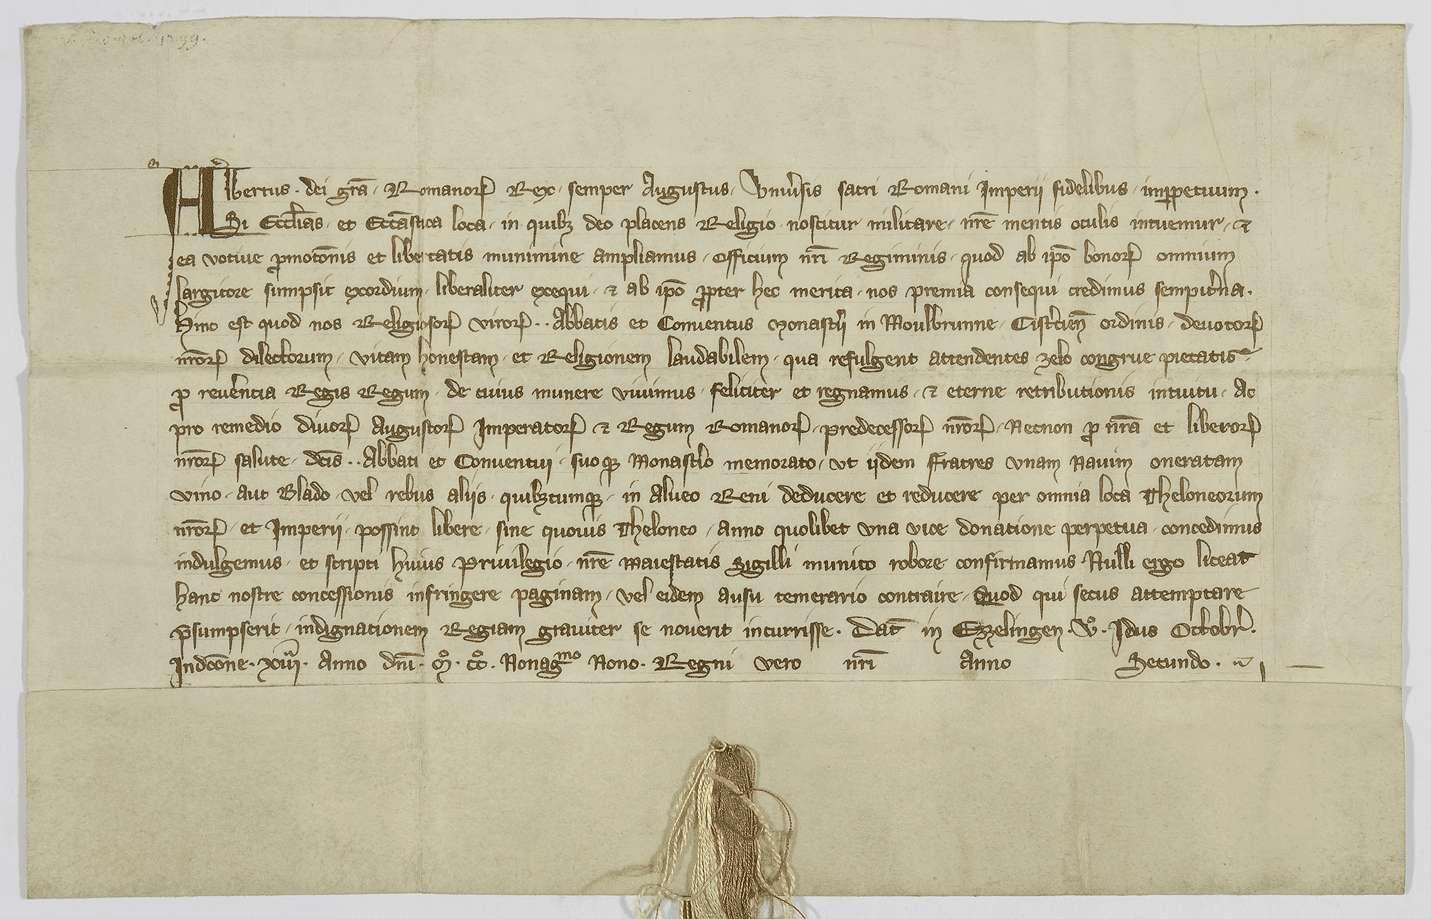 König Albrecht erlaubt dem Kloster Maulbronn alljährlich einmal auf dem Rhein ein mit Wein oder Getreide beladenes Schiff zollfrei tal- und bergwärts führen zu dürfen., Bild 1